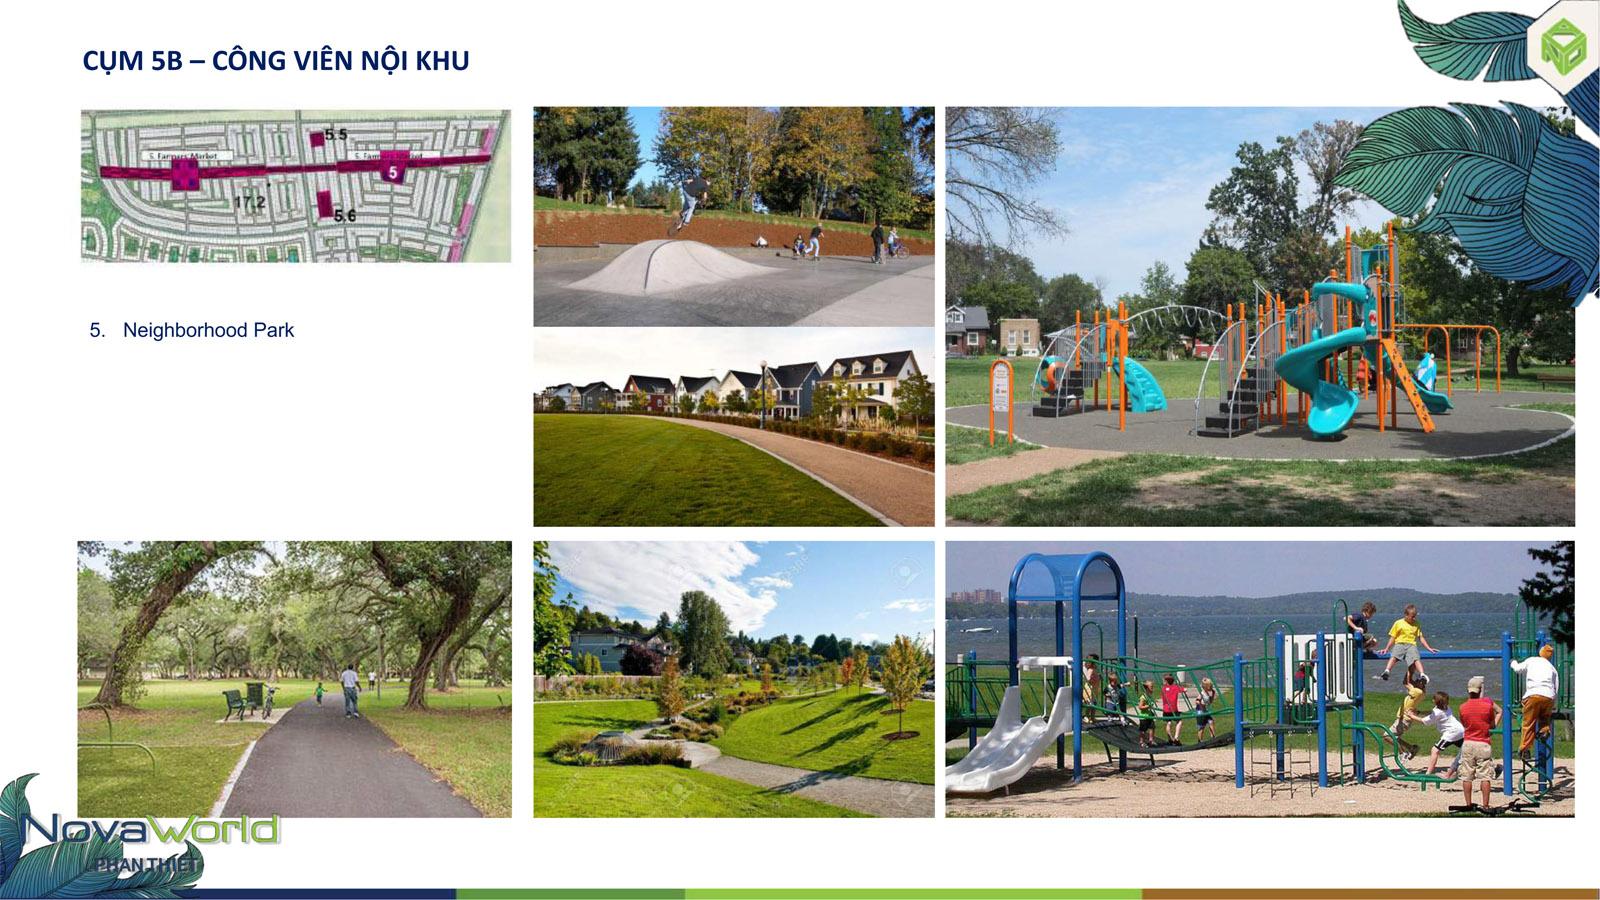 Cụm tiện ích công viên nội khu dự án NovaWorld Phan Thiết